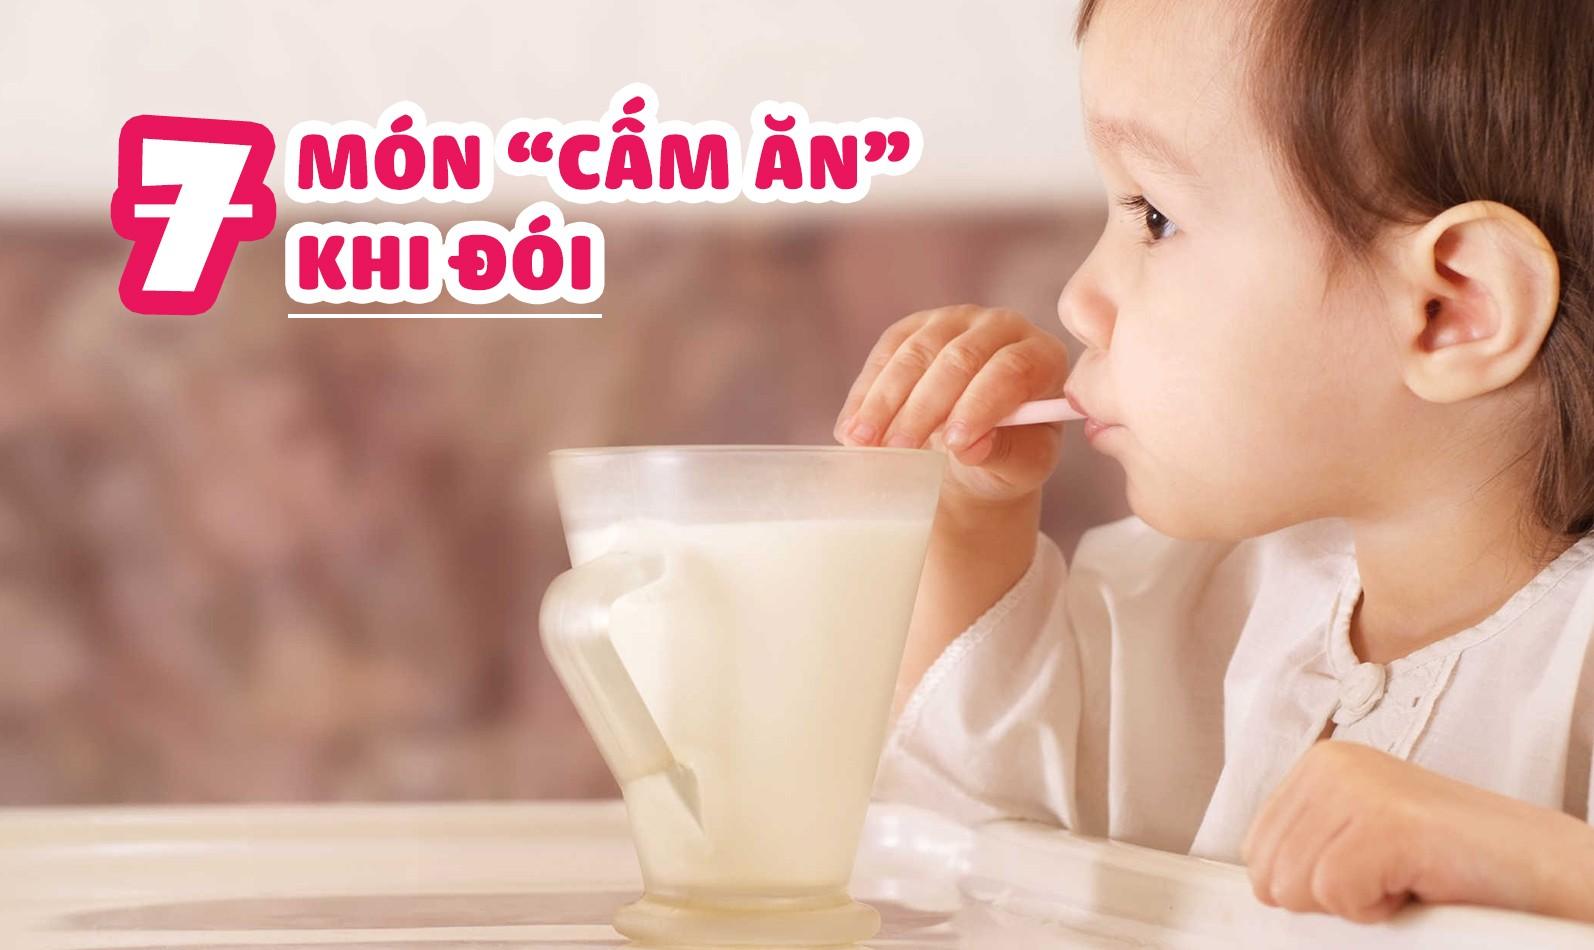 7 thực phẩm tuyệt đối không nên cho bé ăn khi đói